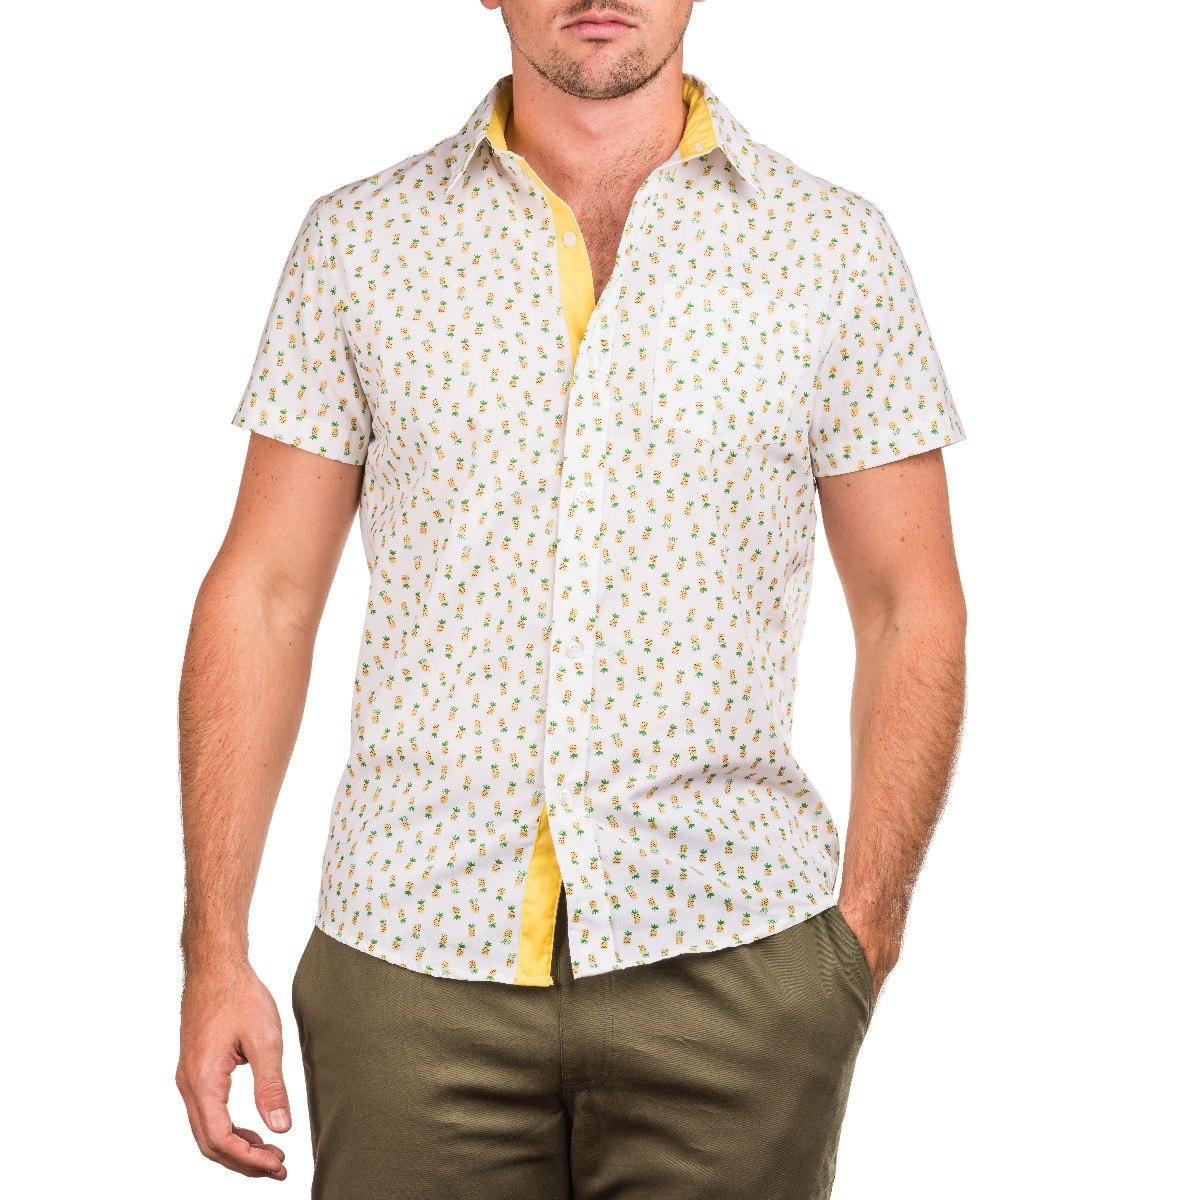 715c62bdc8afe Crouch - Camisa Manga Corta - Hombre - Estampada Piñas -   400